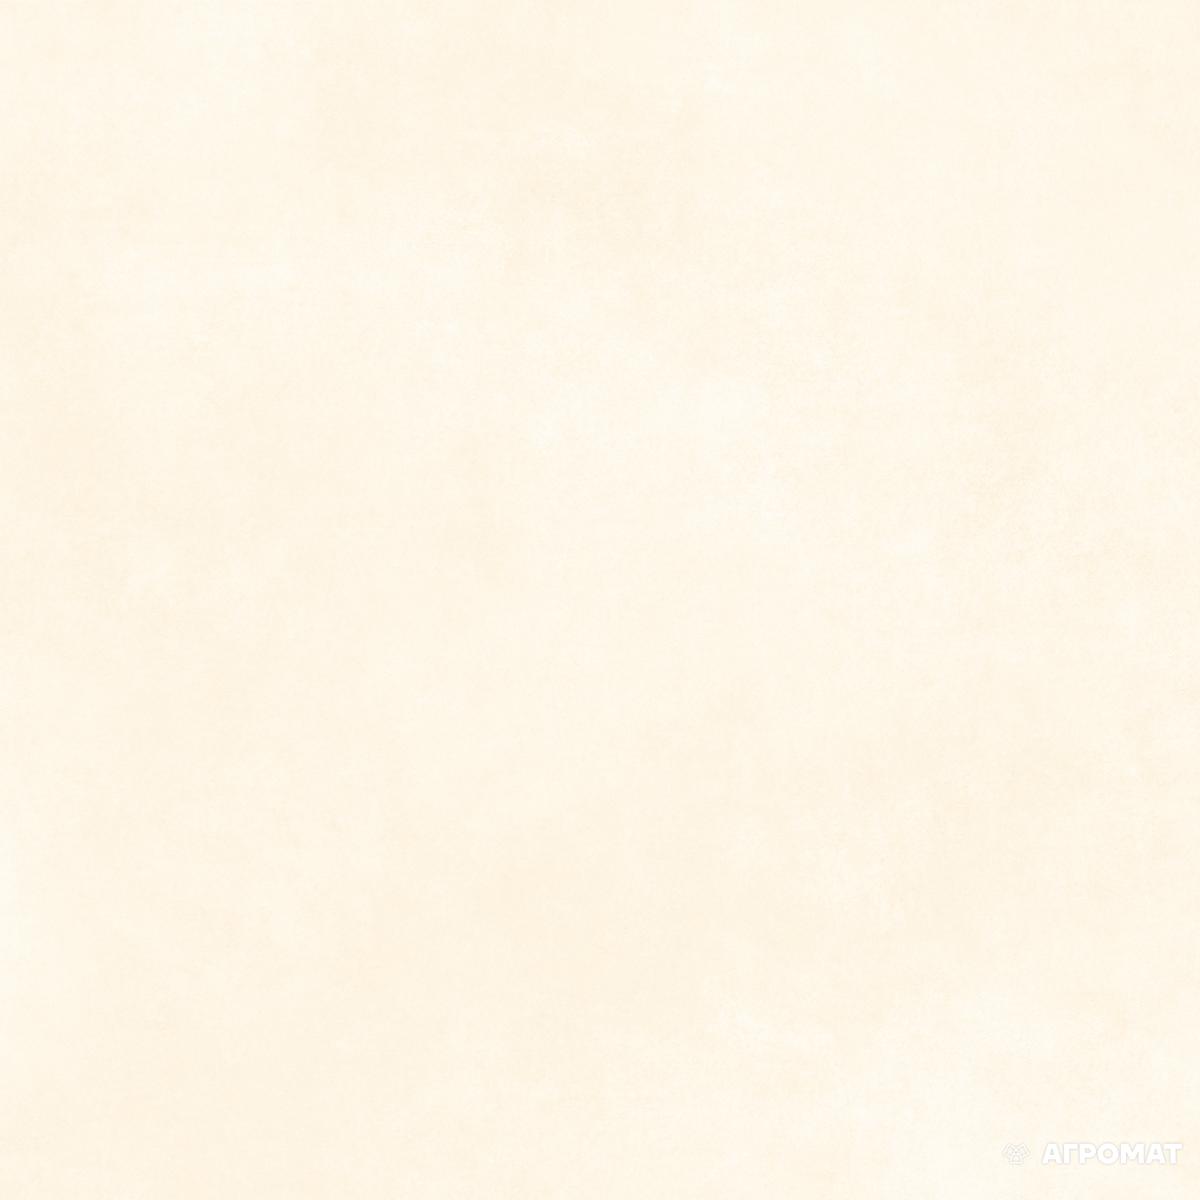 Напольная плитка Keratile Westport G. BEIGE арт.(376463)